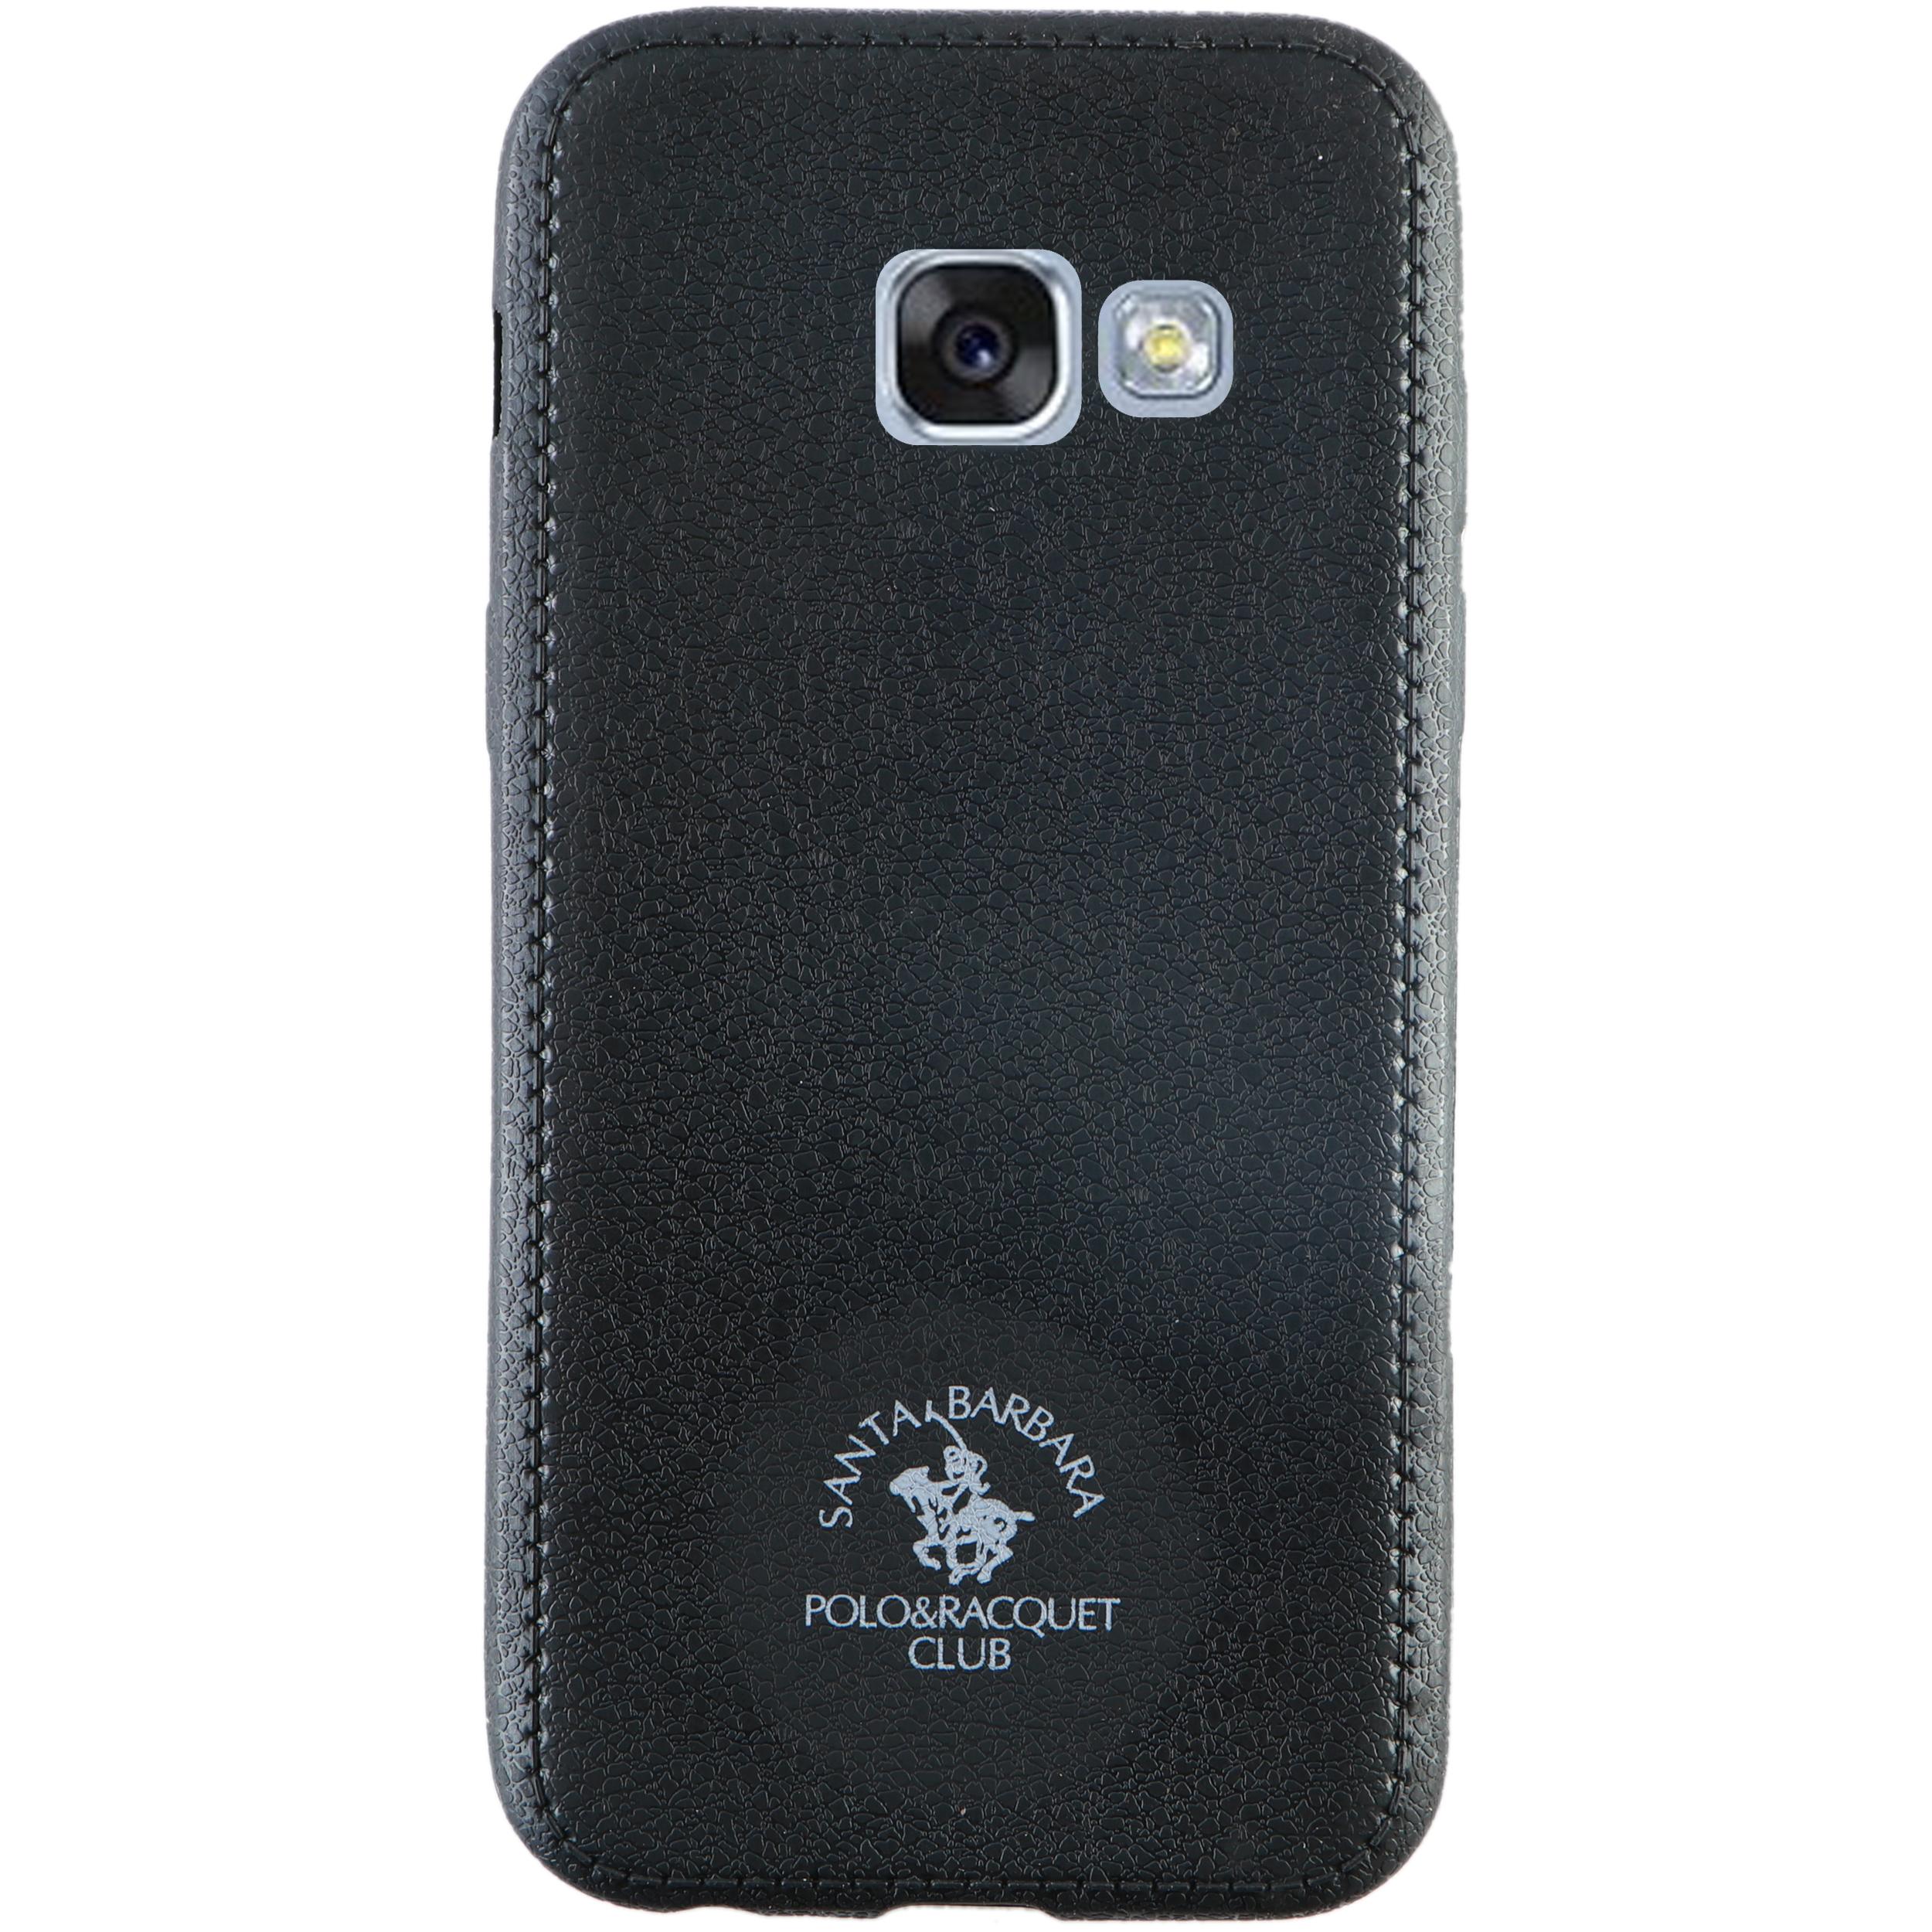 کاور مدل a3 مناسب برای گوشی موبایل سامسونگ GALAXY A3 2017